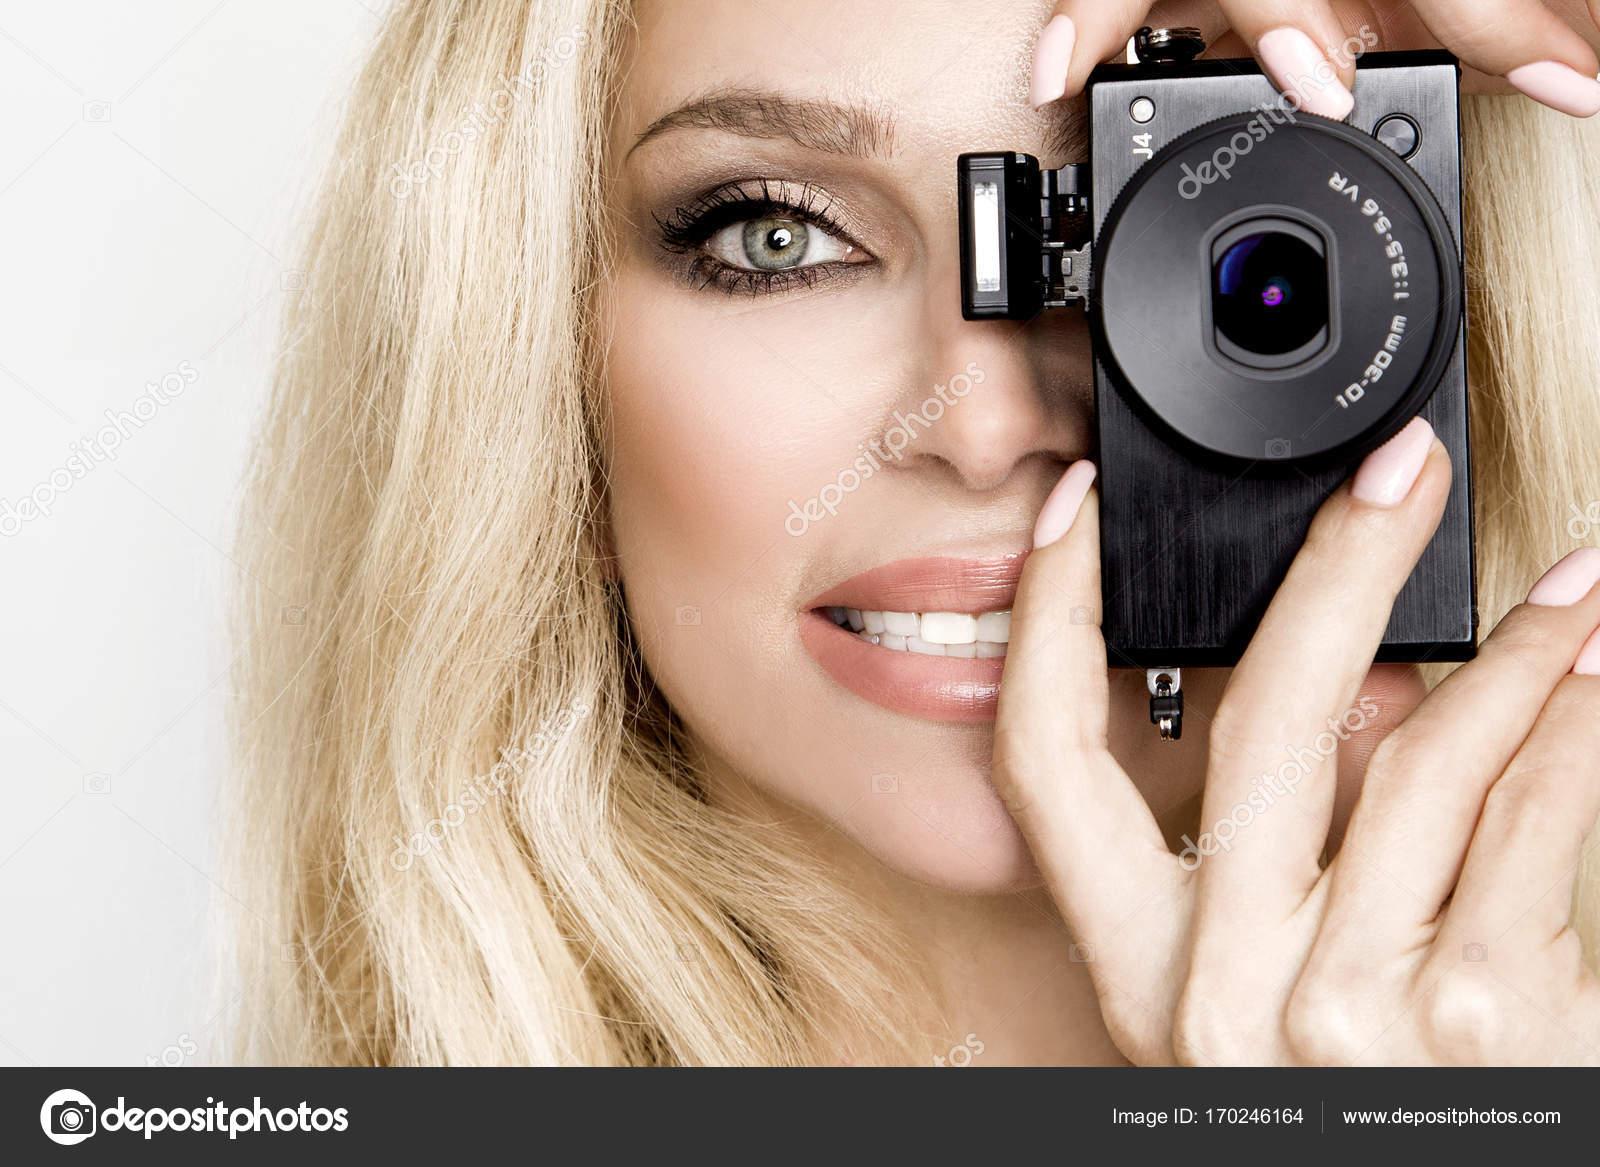 c07e8524fc2b Ξανθιά γυναίκα ομορφιά μοντέλο με εκπληκτικά μακριά μαλλιά και τέλειο  πρόσωπο θέτοντας σε λευκό φόντο και κρατώντας μια φωτογραφική μηχανή στο  πρόσωπό της ...